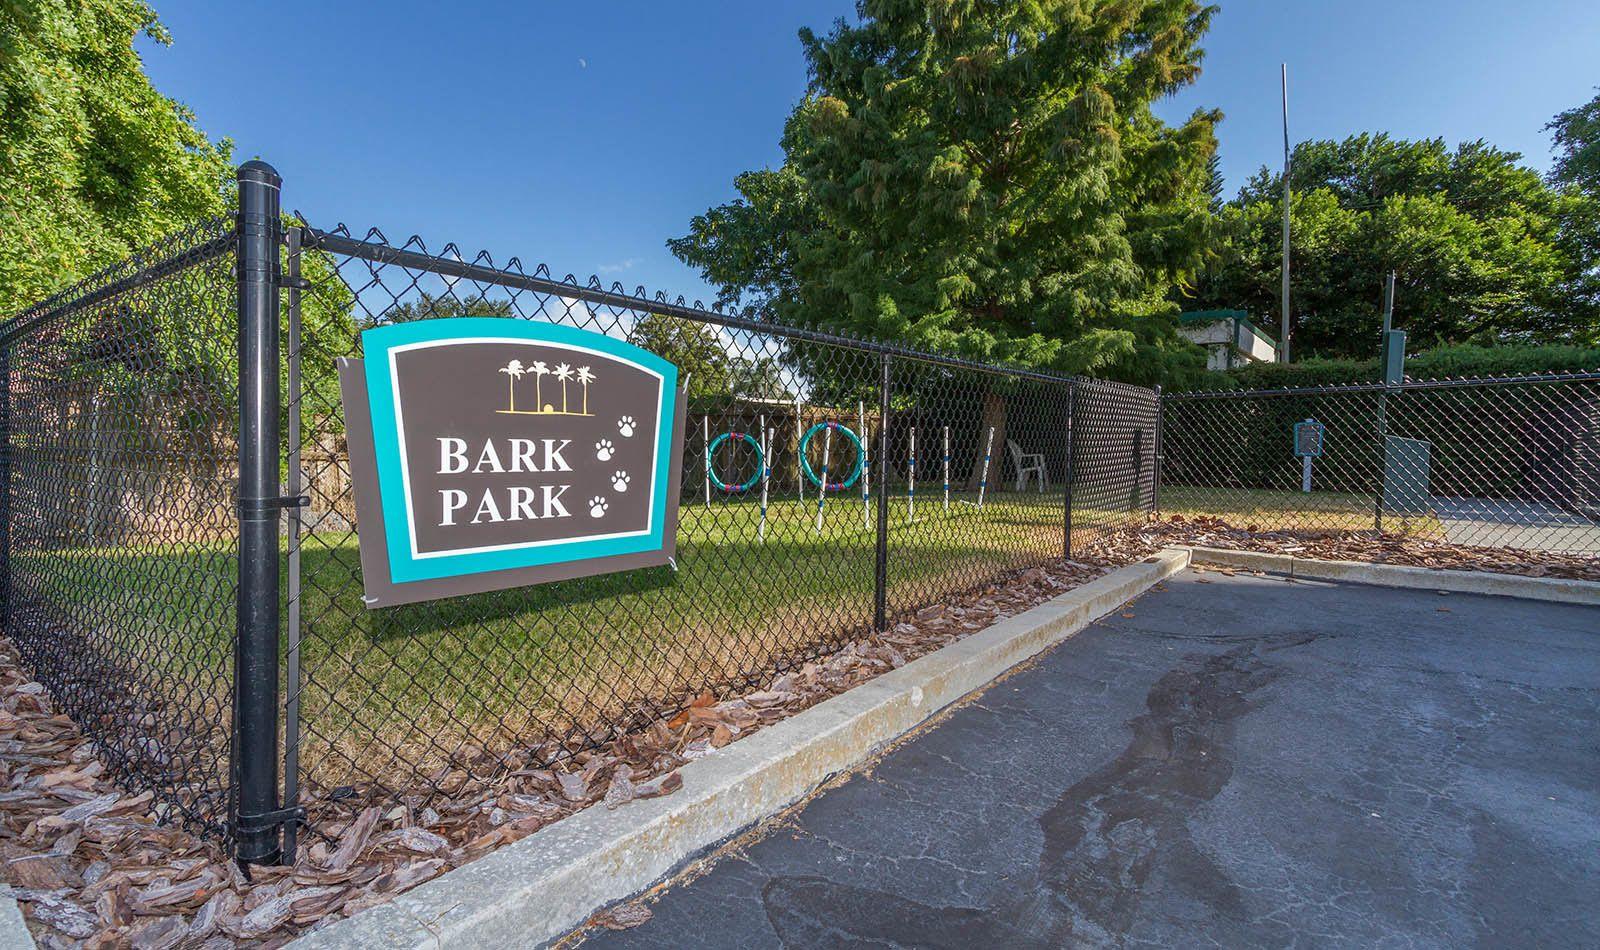 Dog park at Bay Pointe Tower in South Pasadena, FL